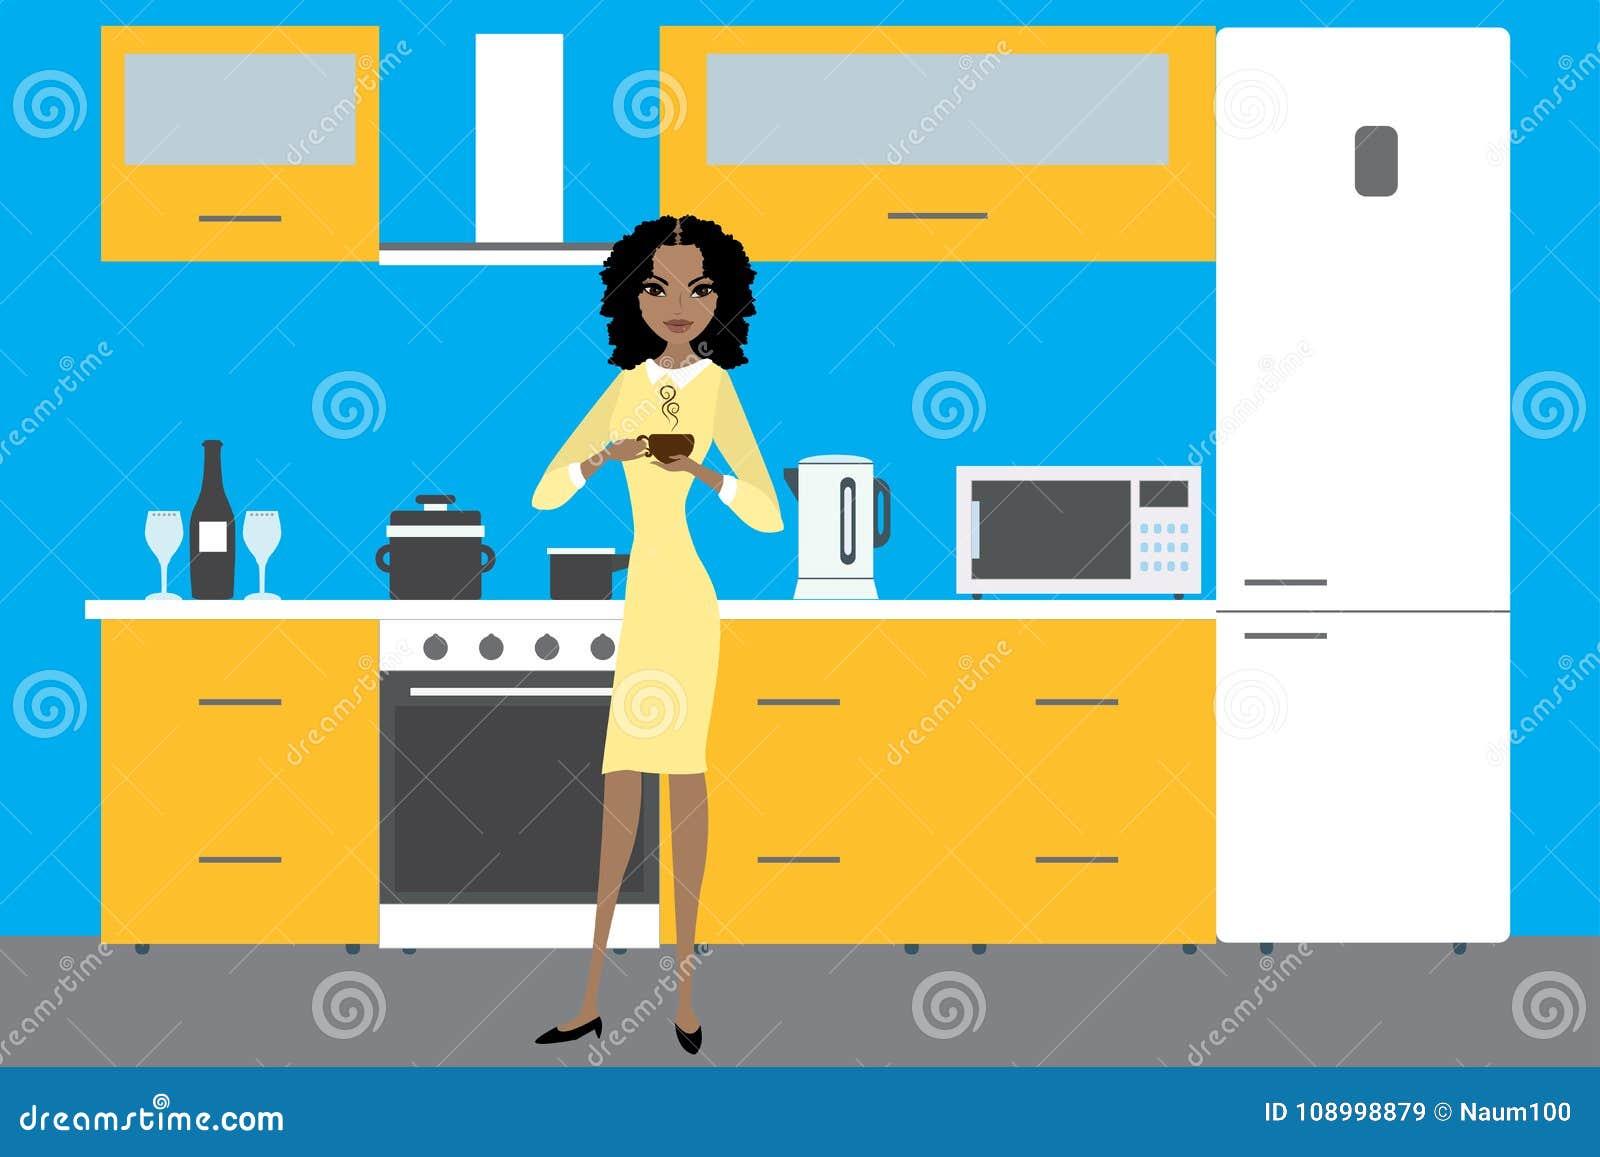 Kücheninnenraum mit Möbeln, Geräten, Geräten und Afrikaner morgens